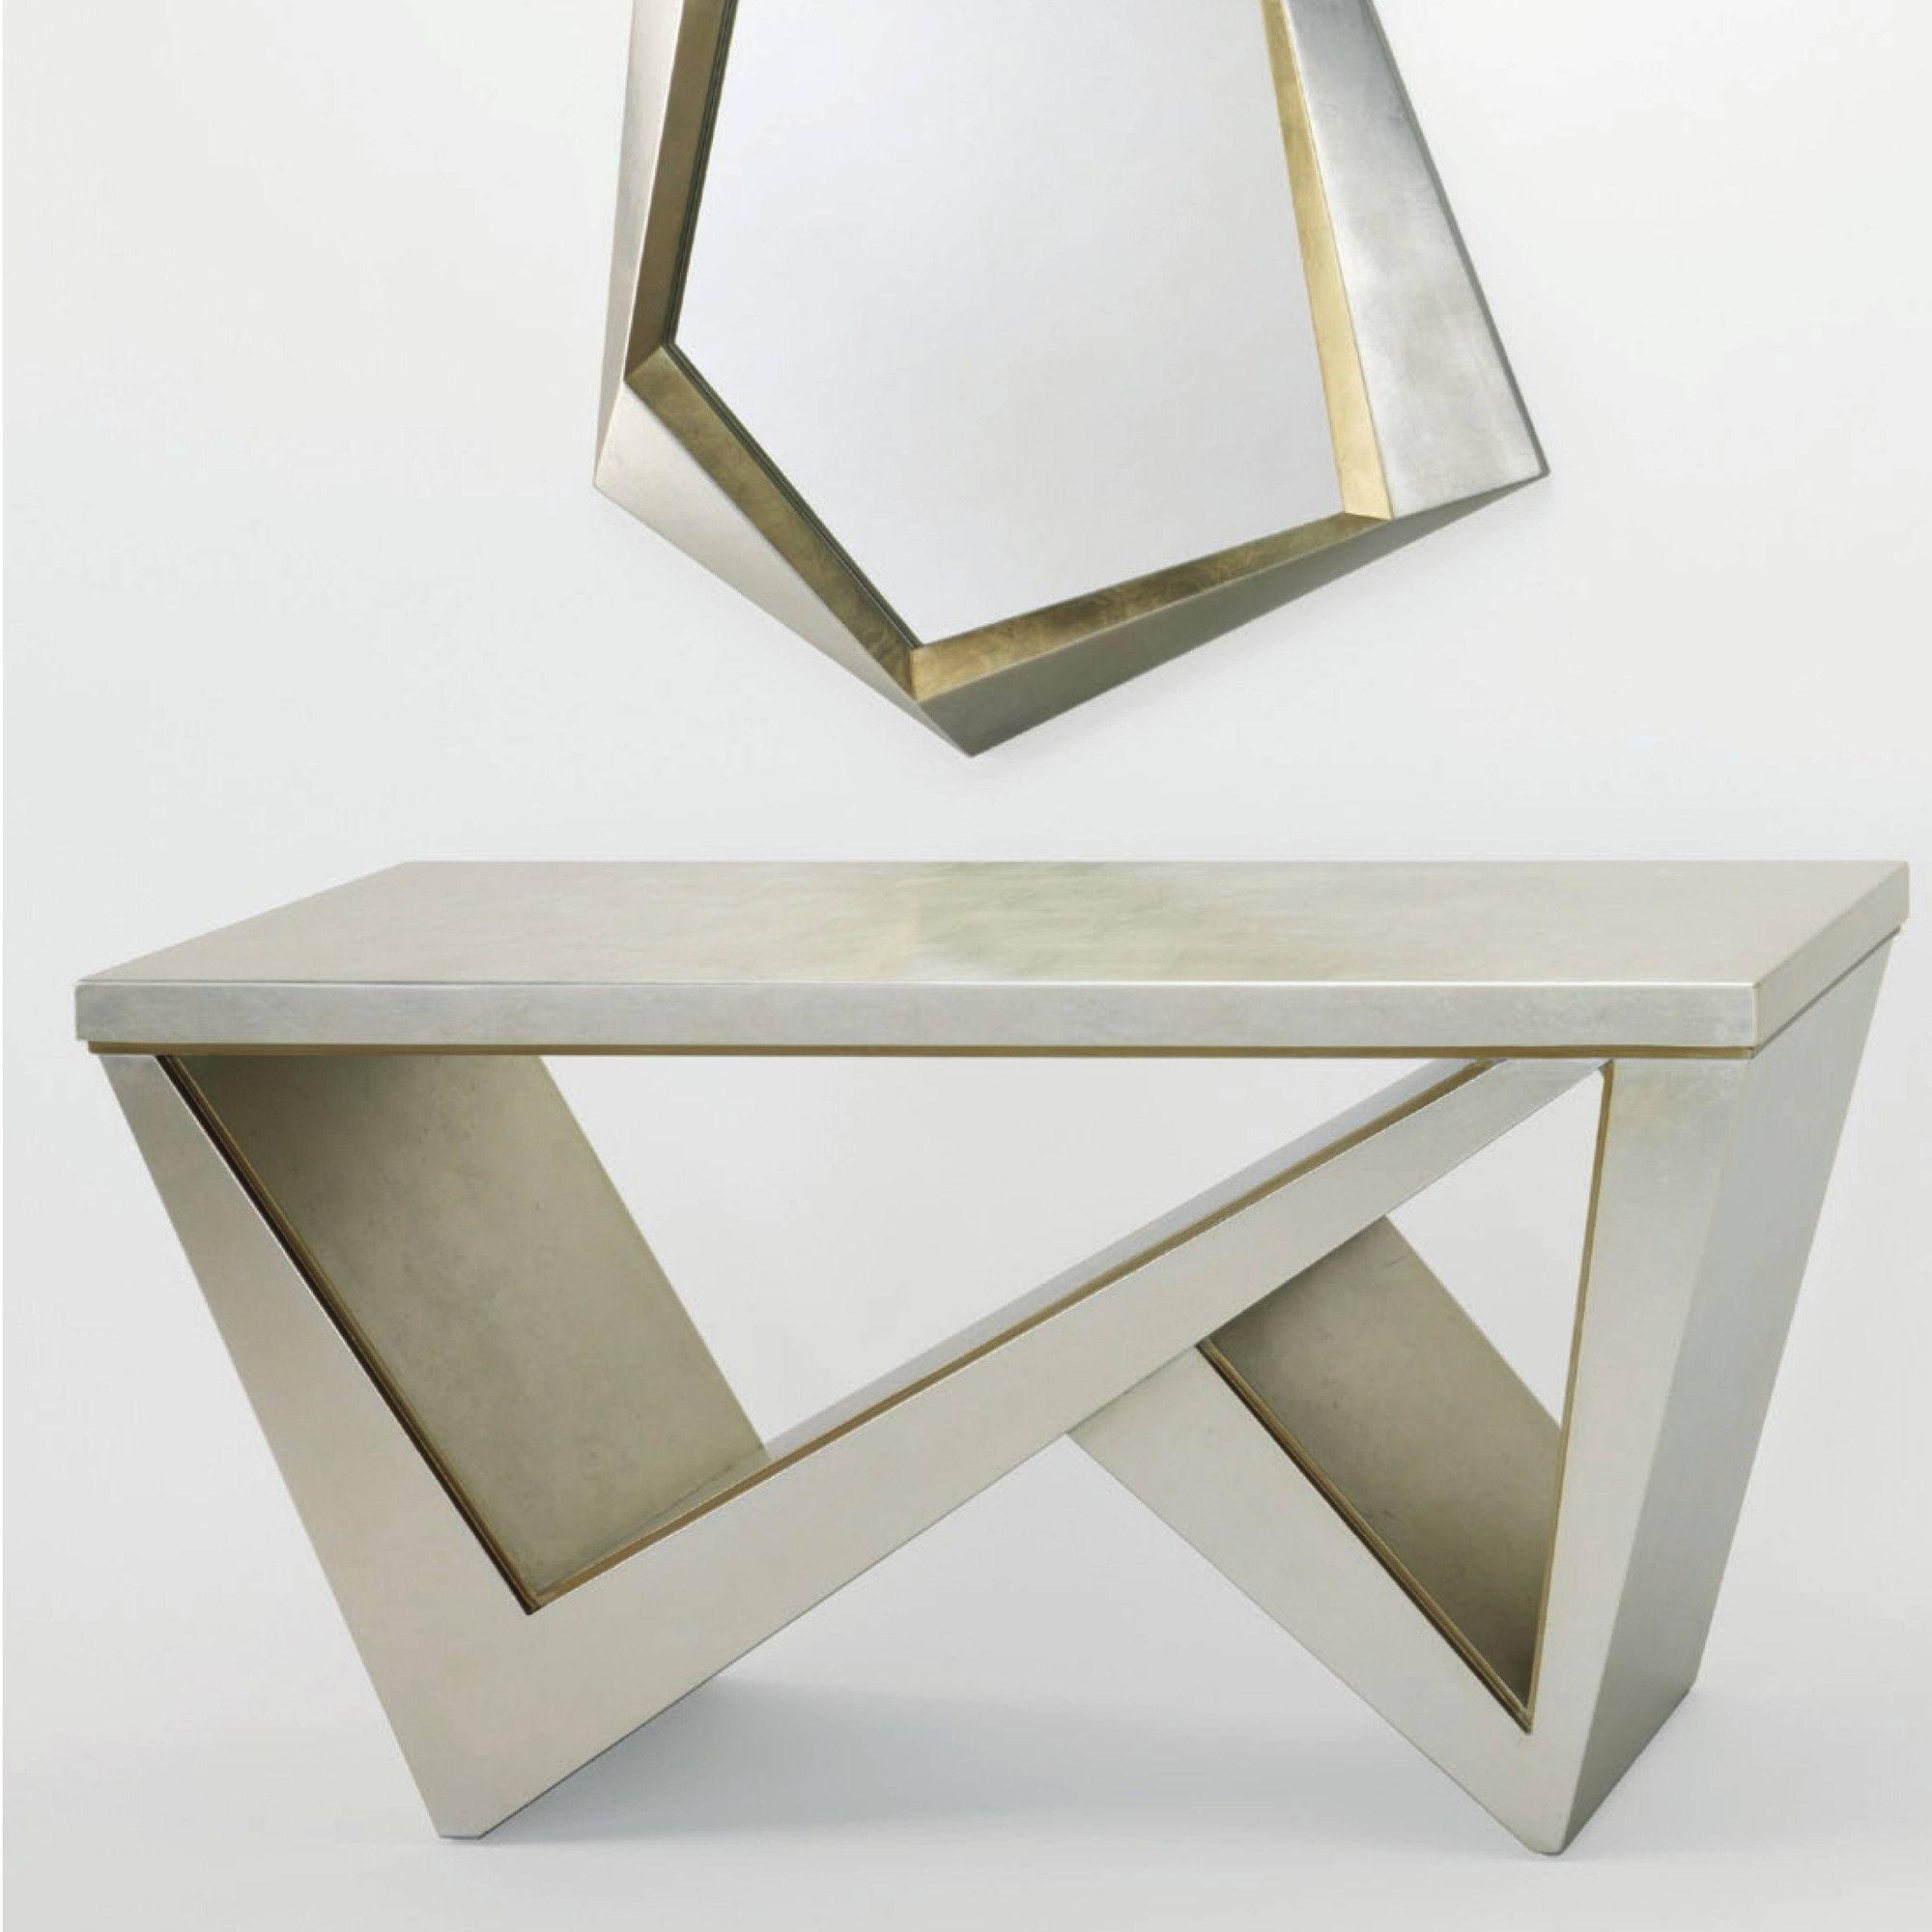 Artmax Console Table Allmodern Mirrored Console Table Metal Console Table Console Table